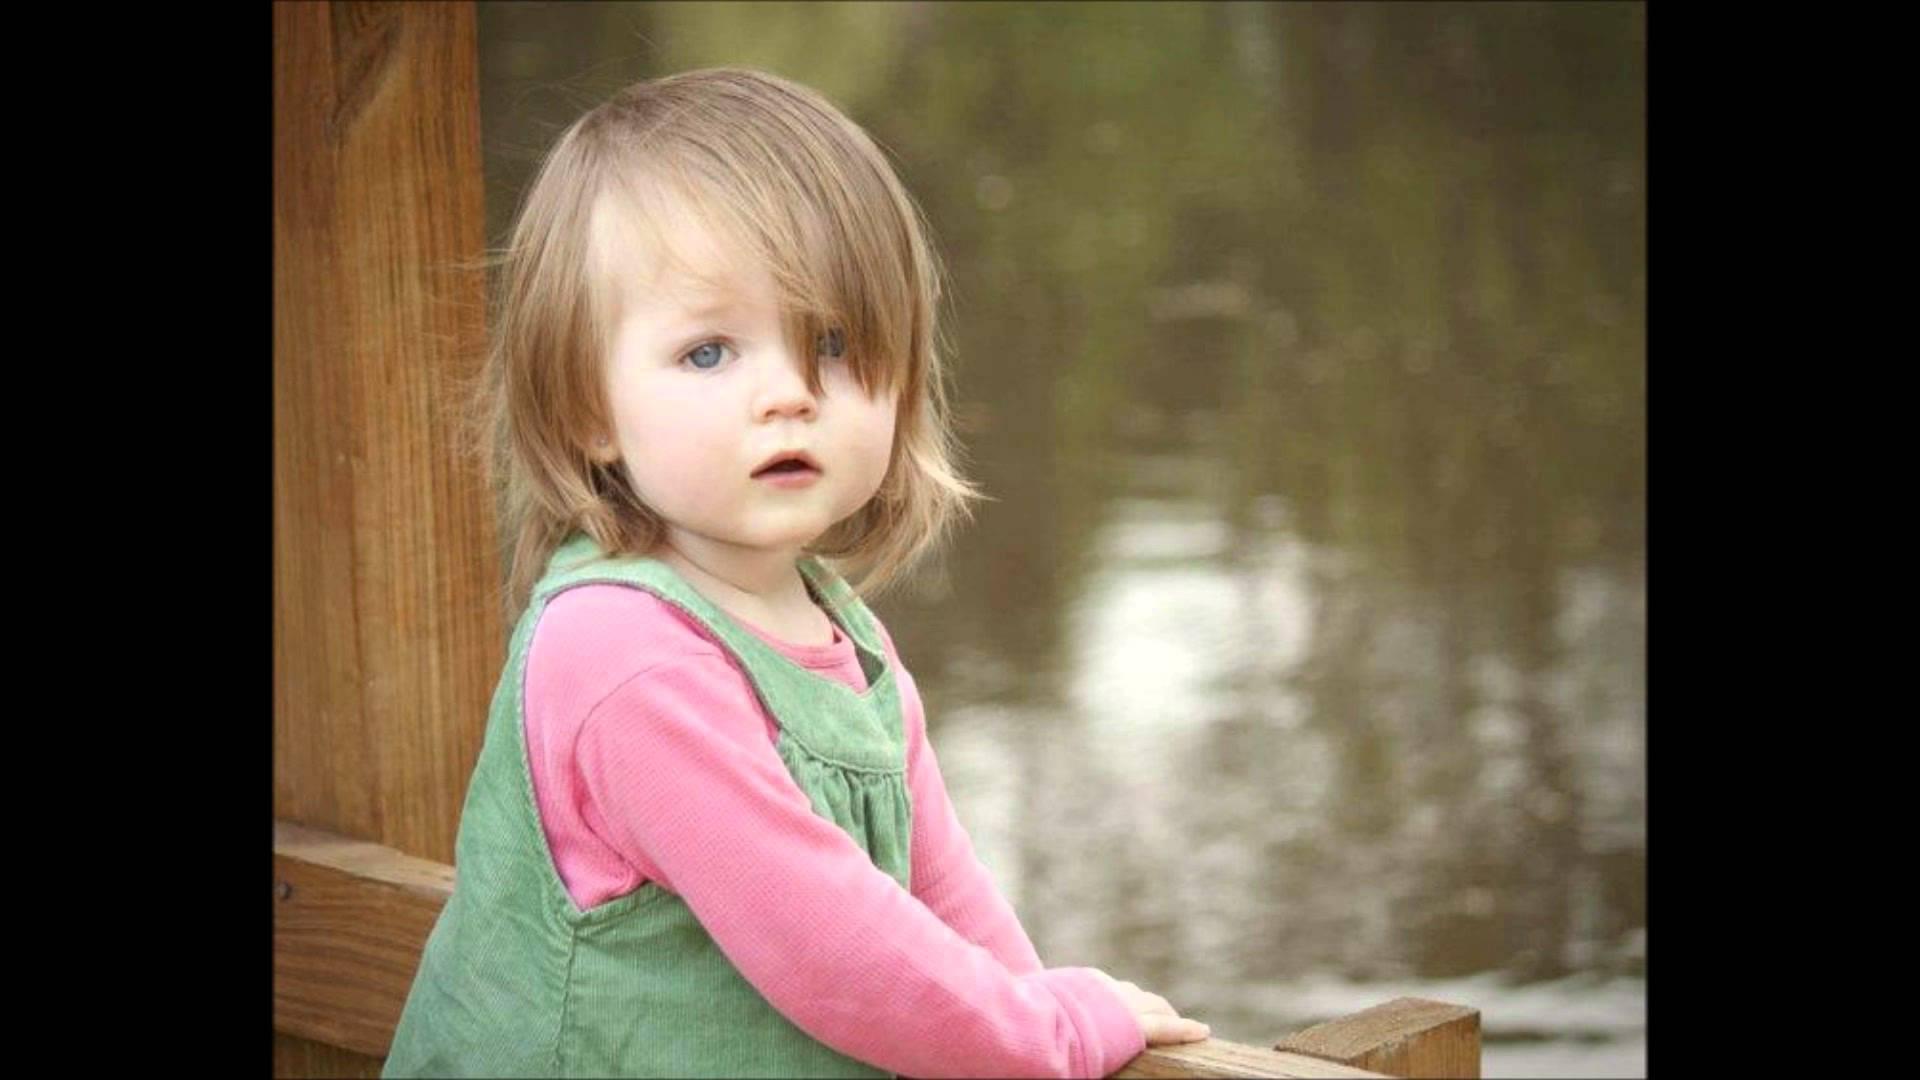 بالصور اجمل الصور اطفال فى العالم فيس بوك , احلى صور الاطفال 6248 2